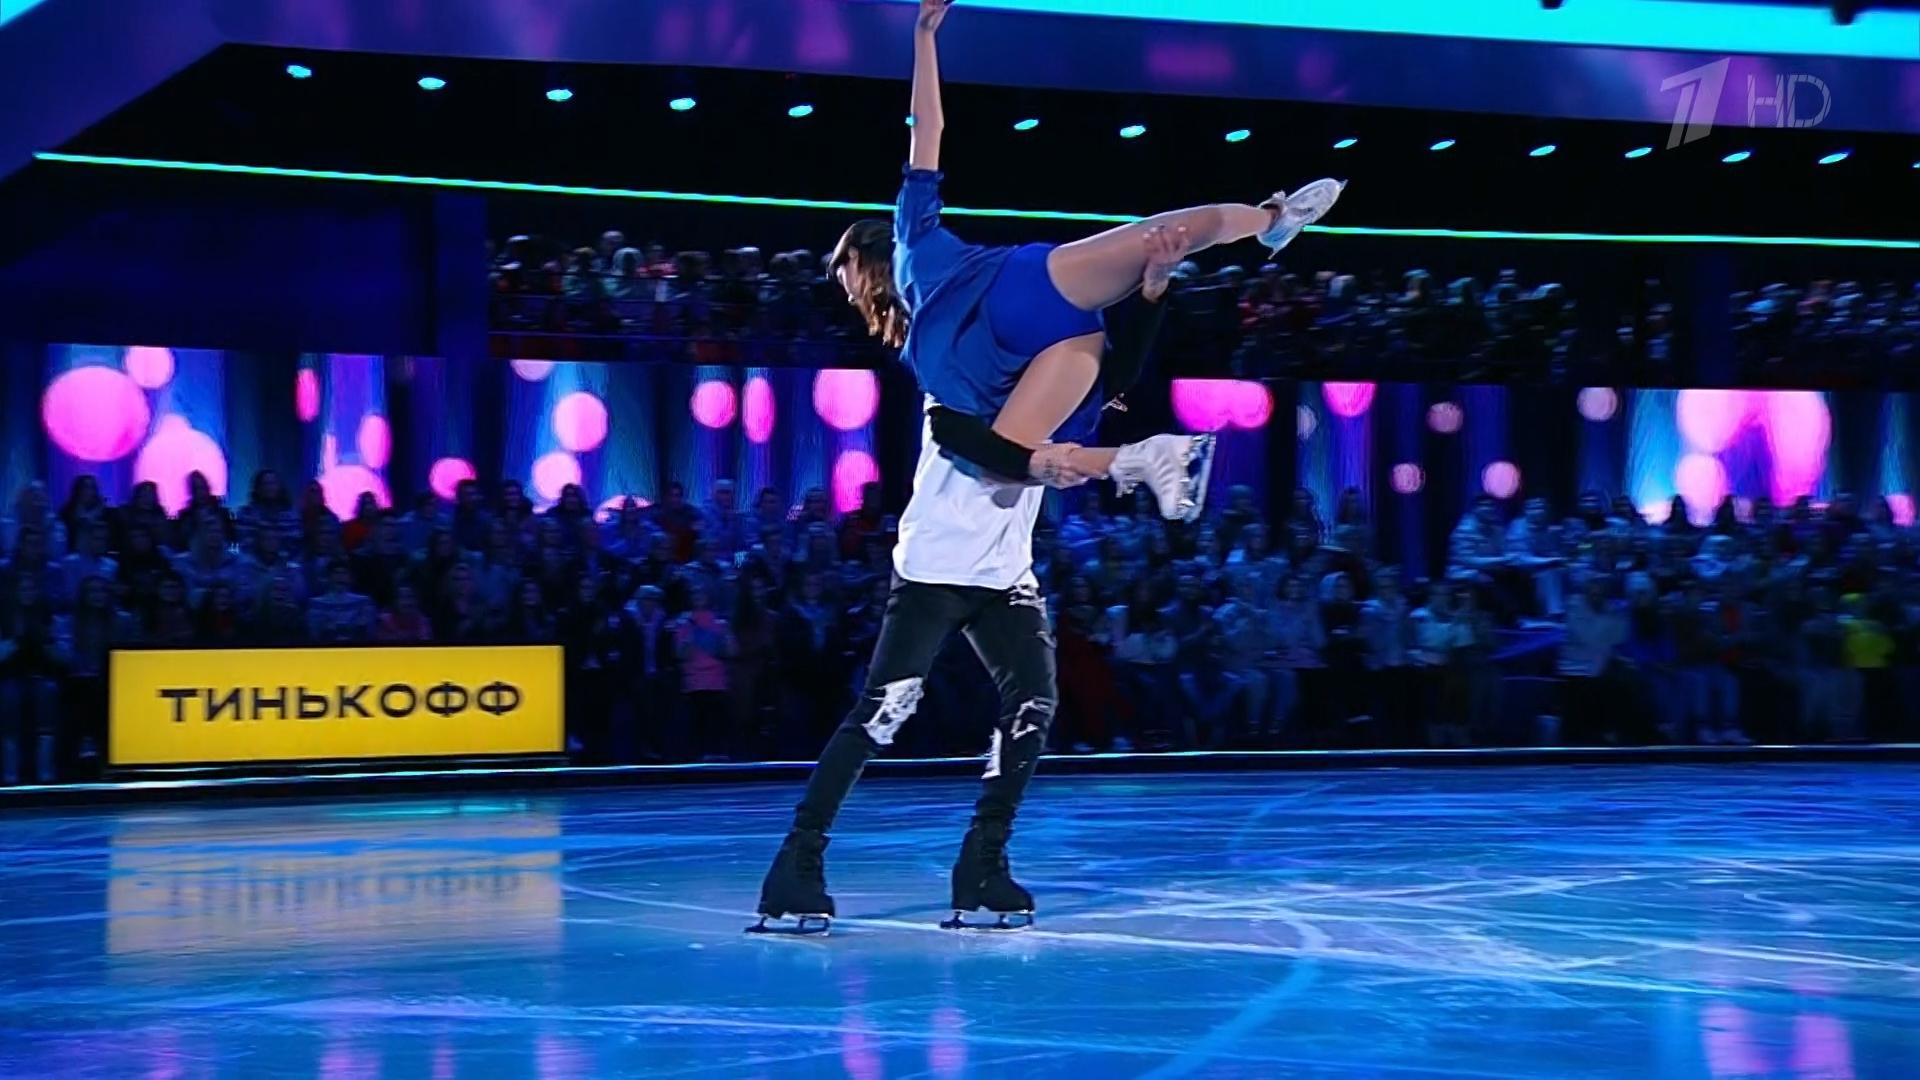 Евгения Медведева - Ледниковый период (11-2 сезон).ts_snapshot_03.04.148.jpg